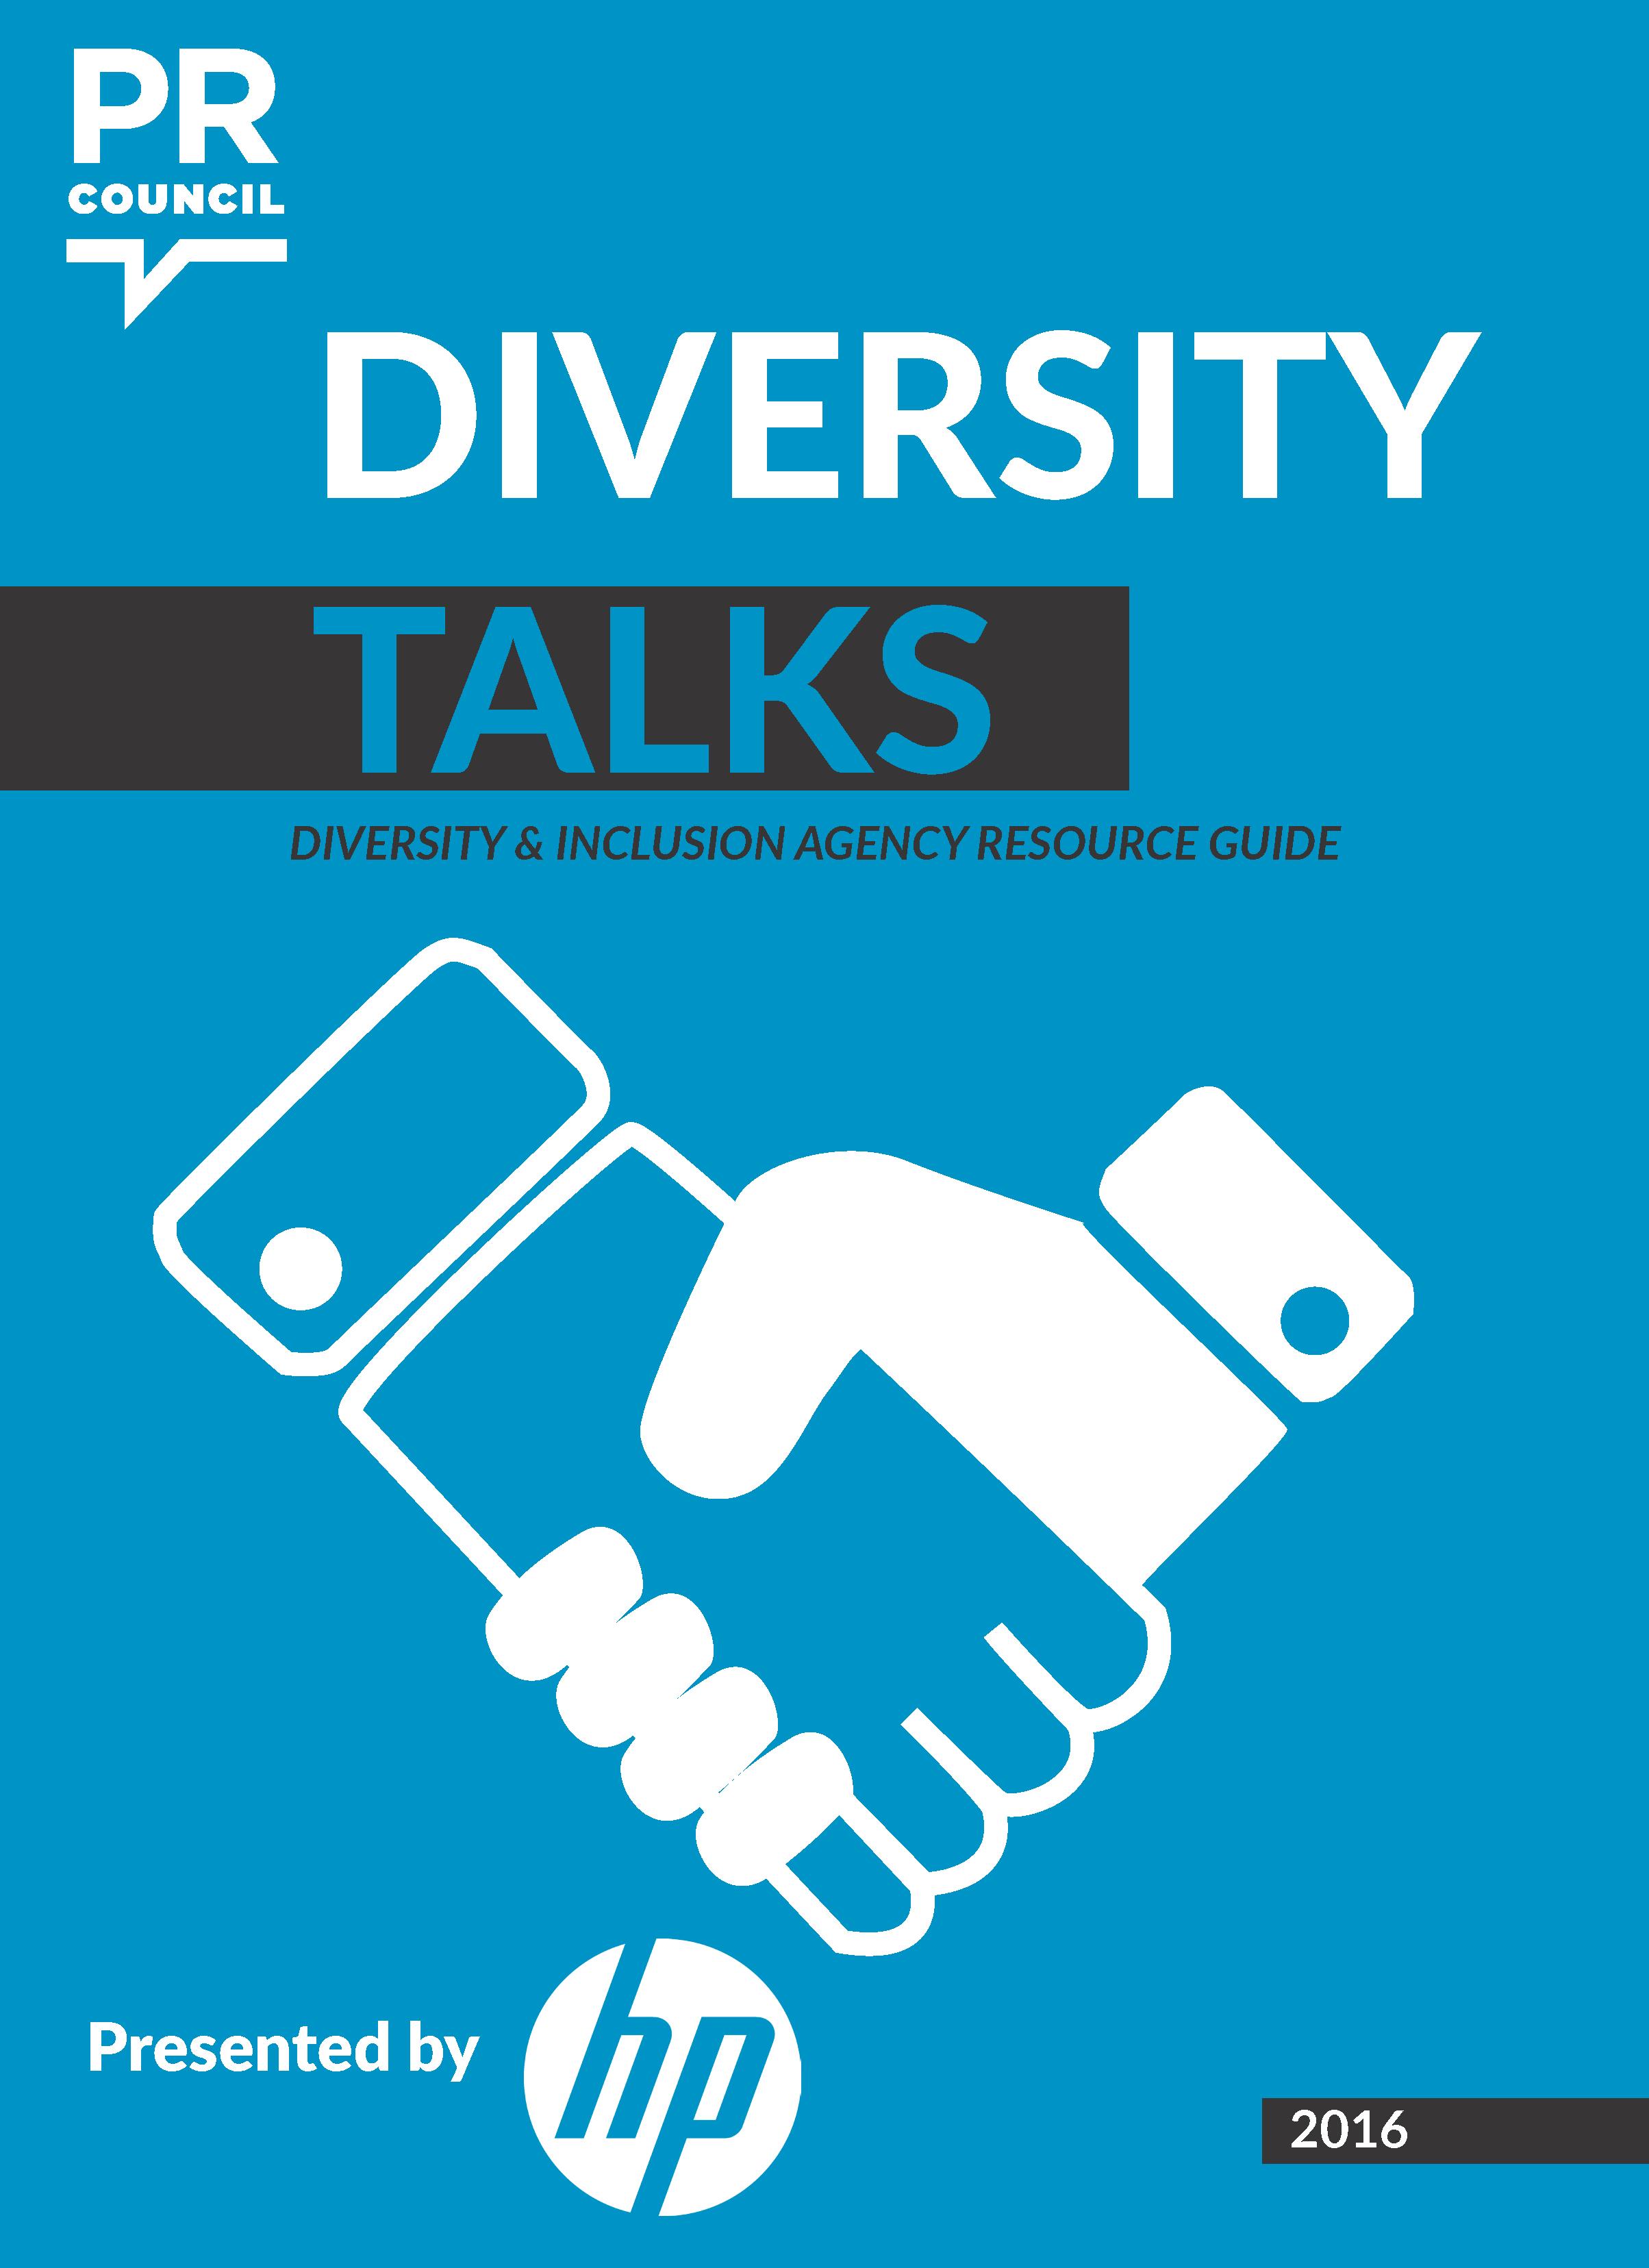 prcouncil-diversity-talks-17_page_01